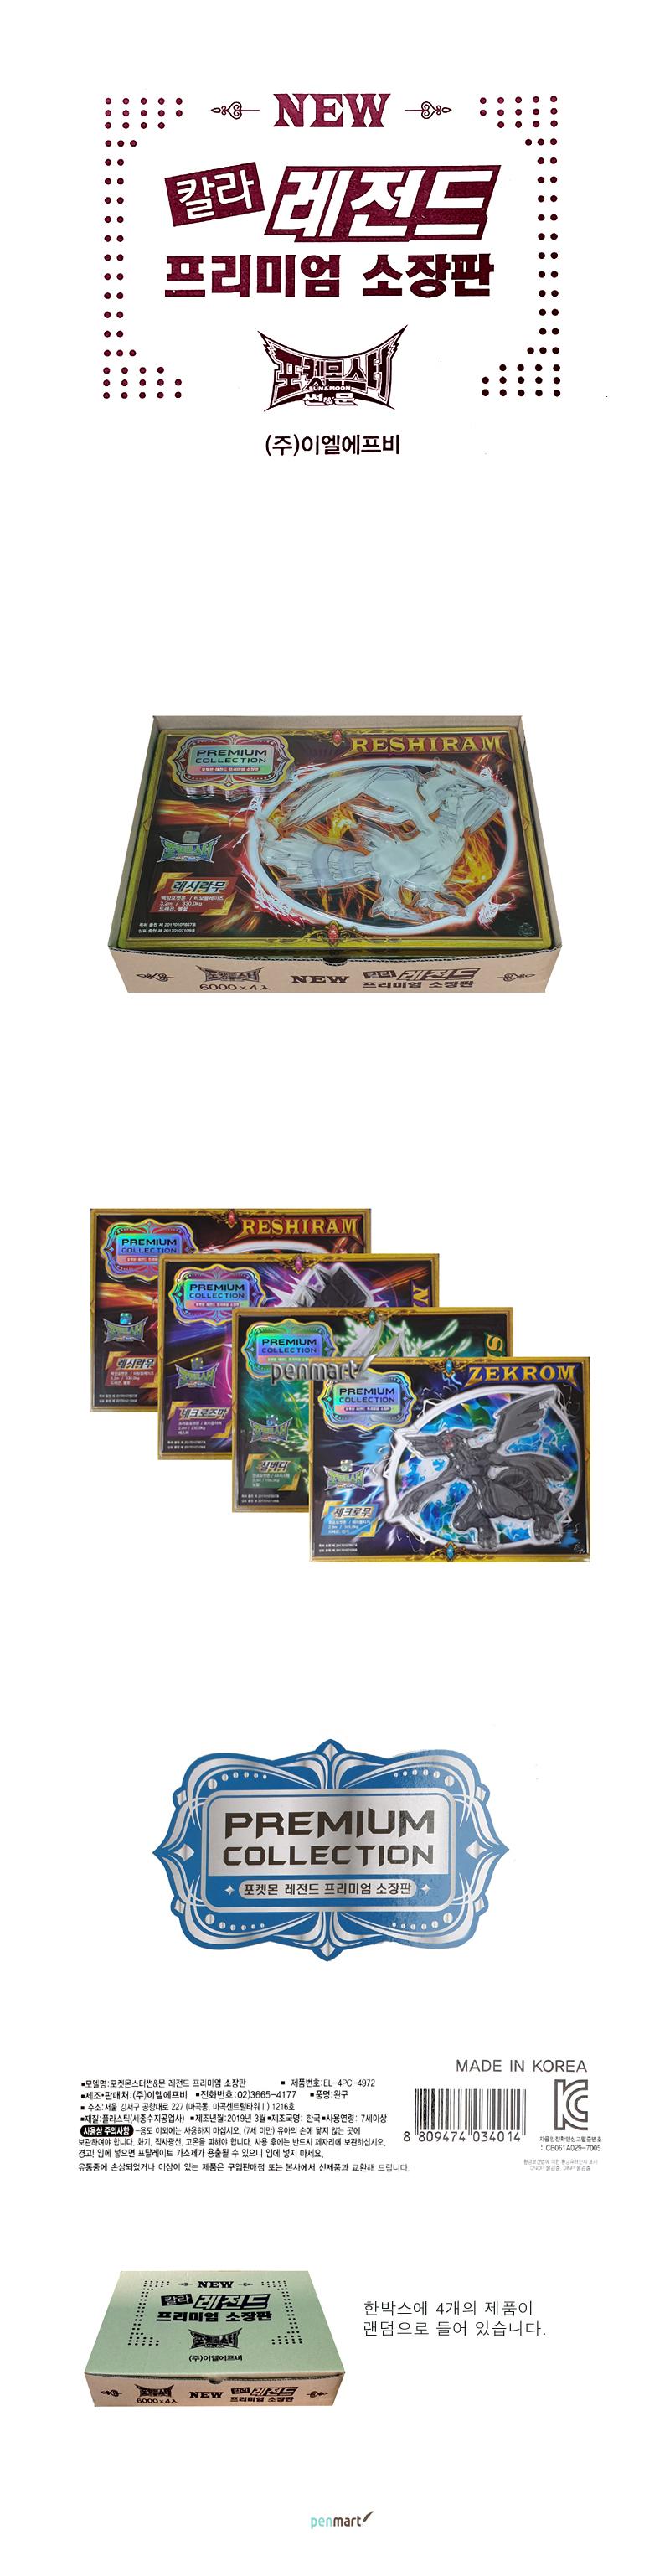 포켓몬스터 뉴 칼라 레전드 프리미엄 소장판 딱지 1박스 (4개) - 펜마트, 23,500원, 보드게임, 카드 게임